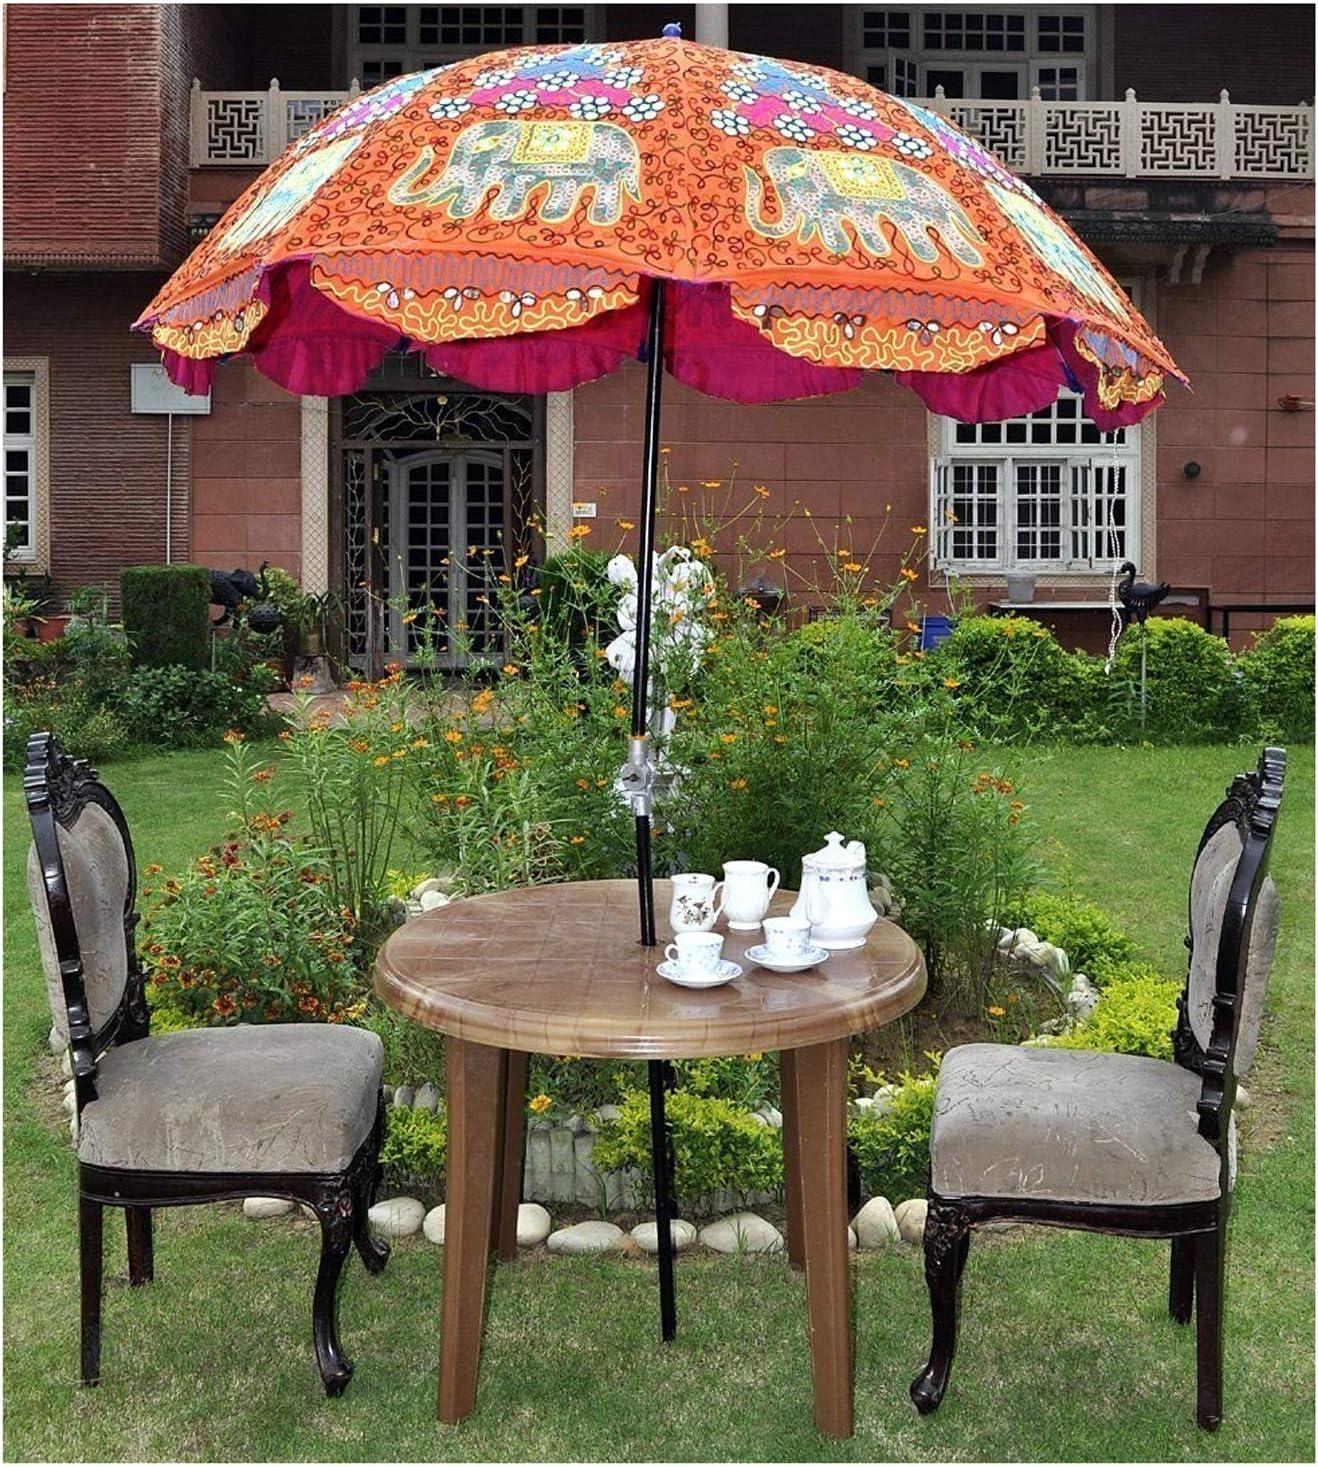 Indian Elephant Garden Parasol Large Outdoor Home Sun Shade Cotton Sun Umbrella